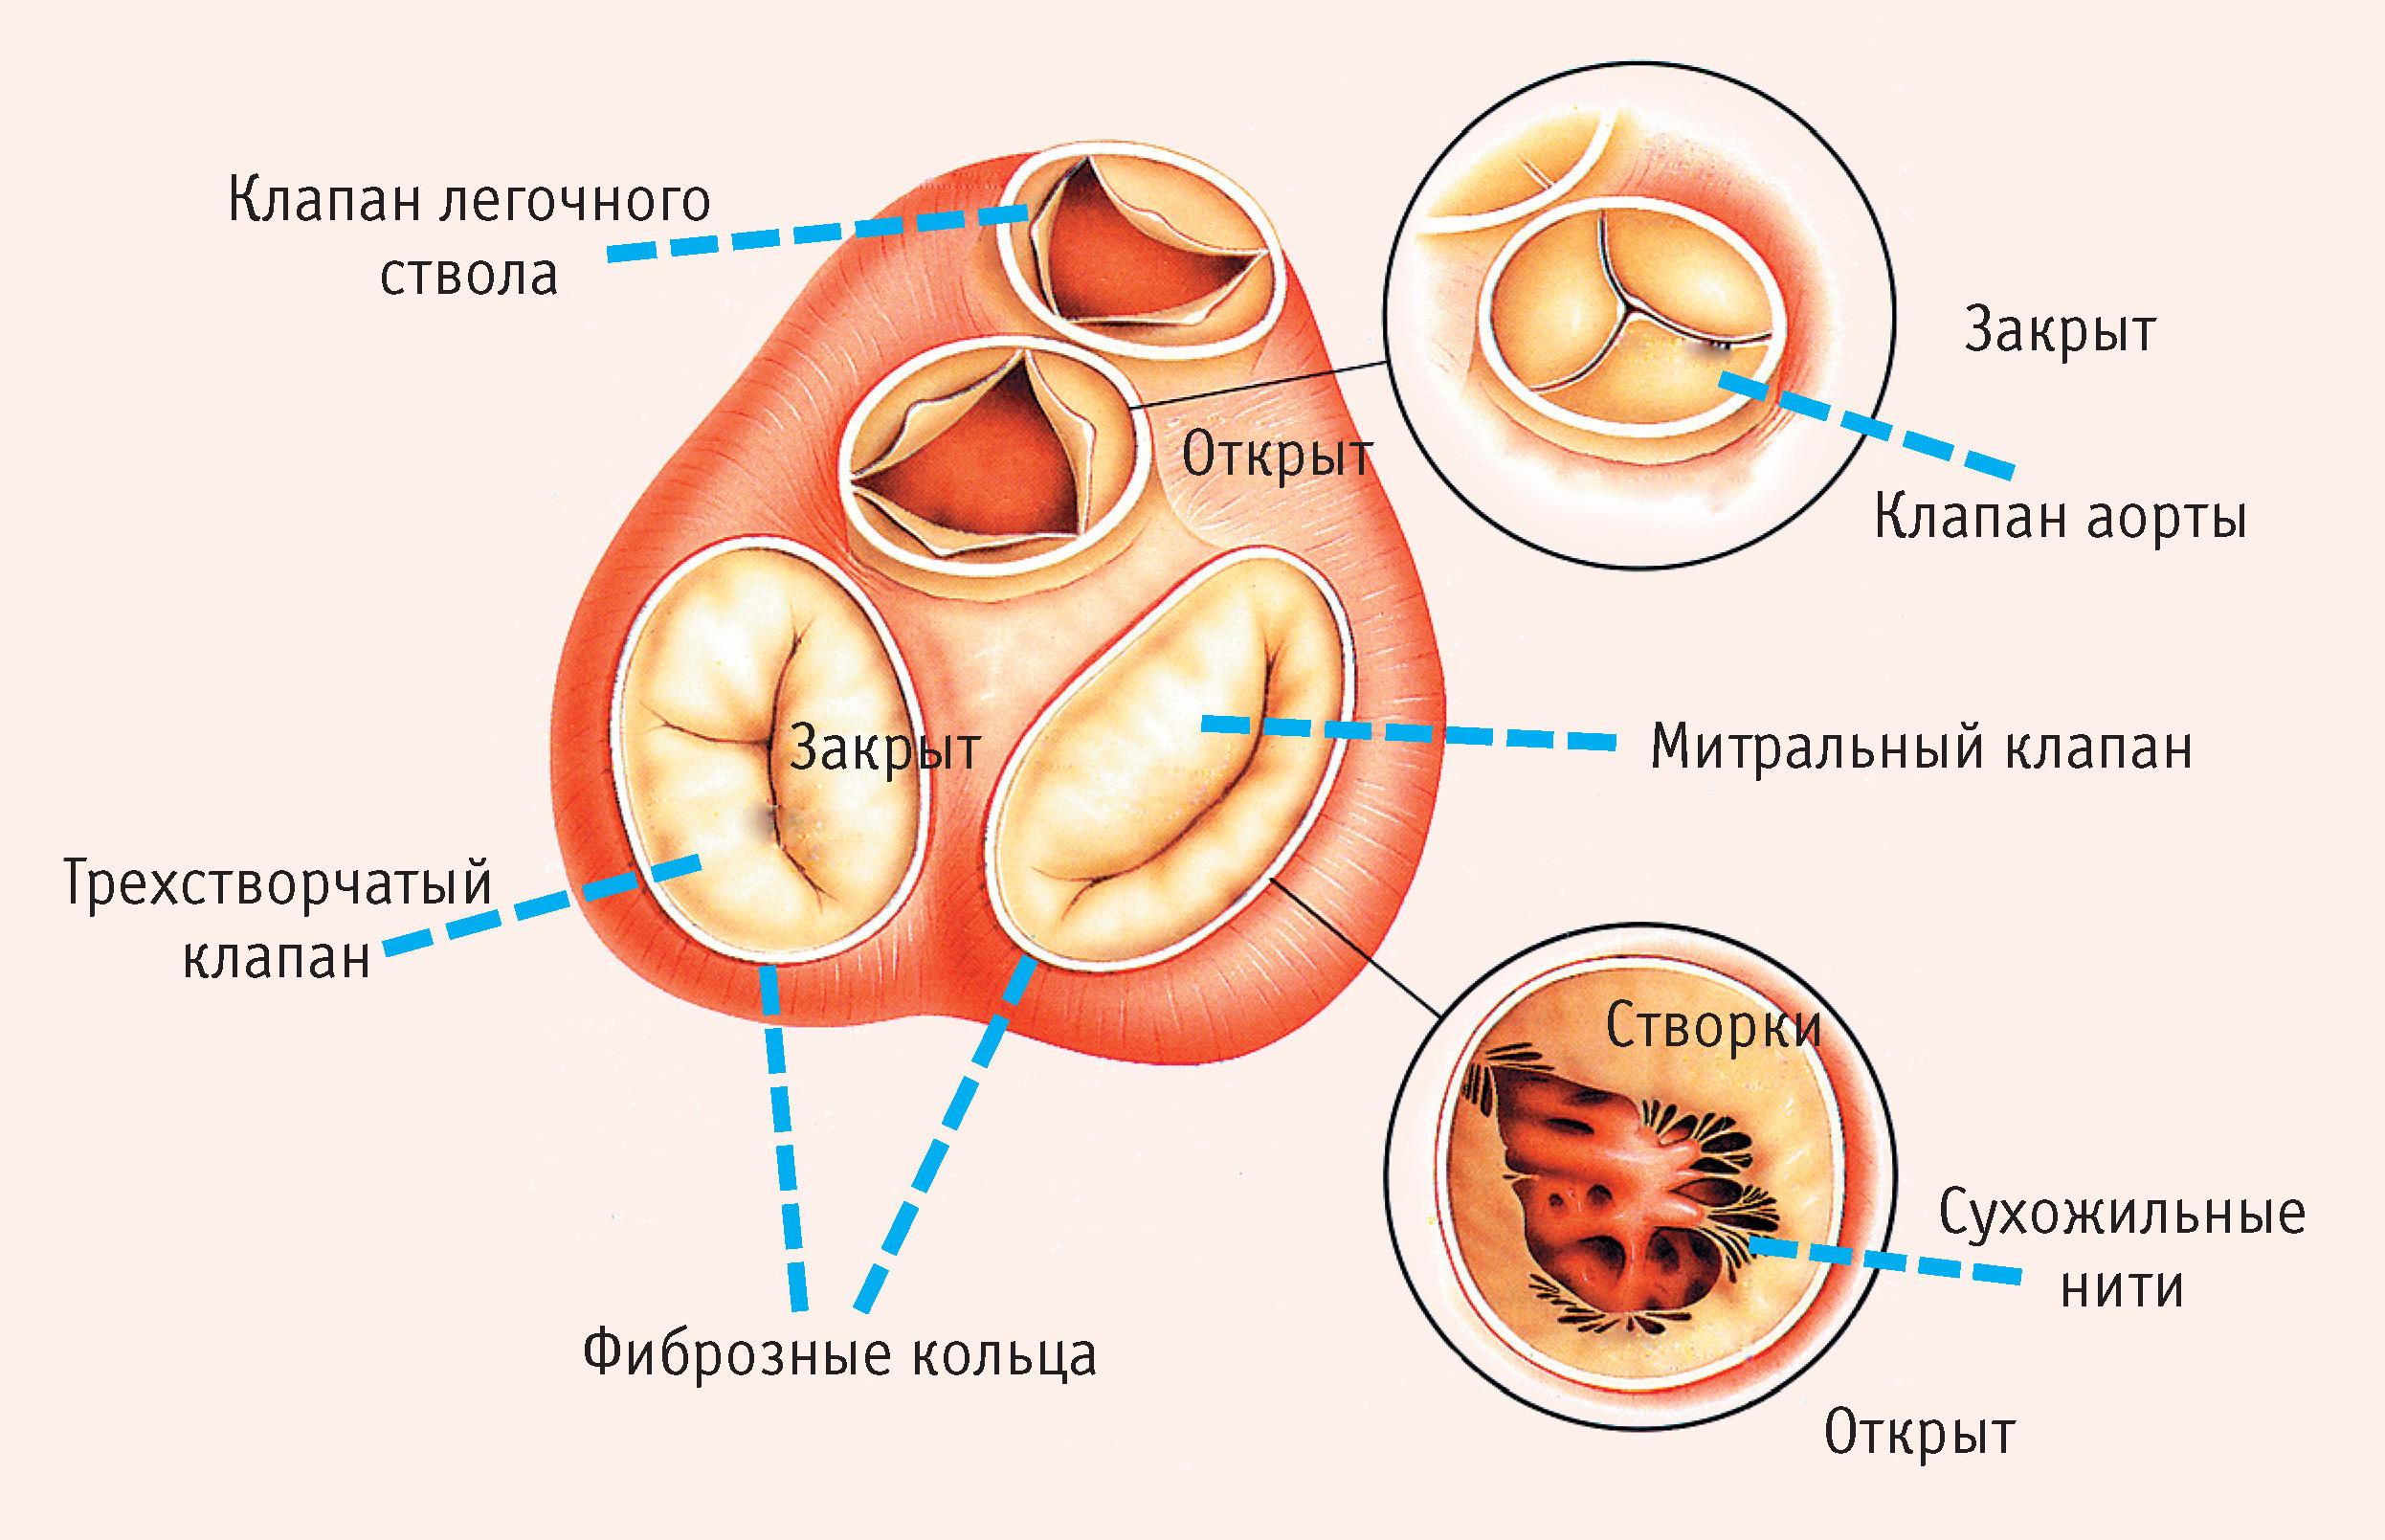 Значимость нормы гормона кальцитонина у женщин и мужчин